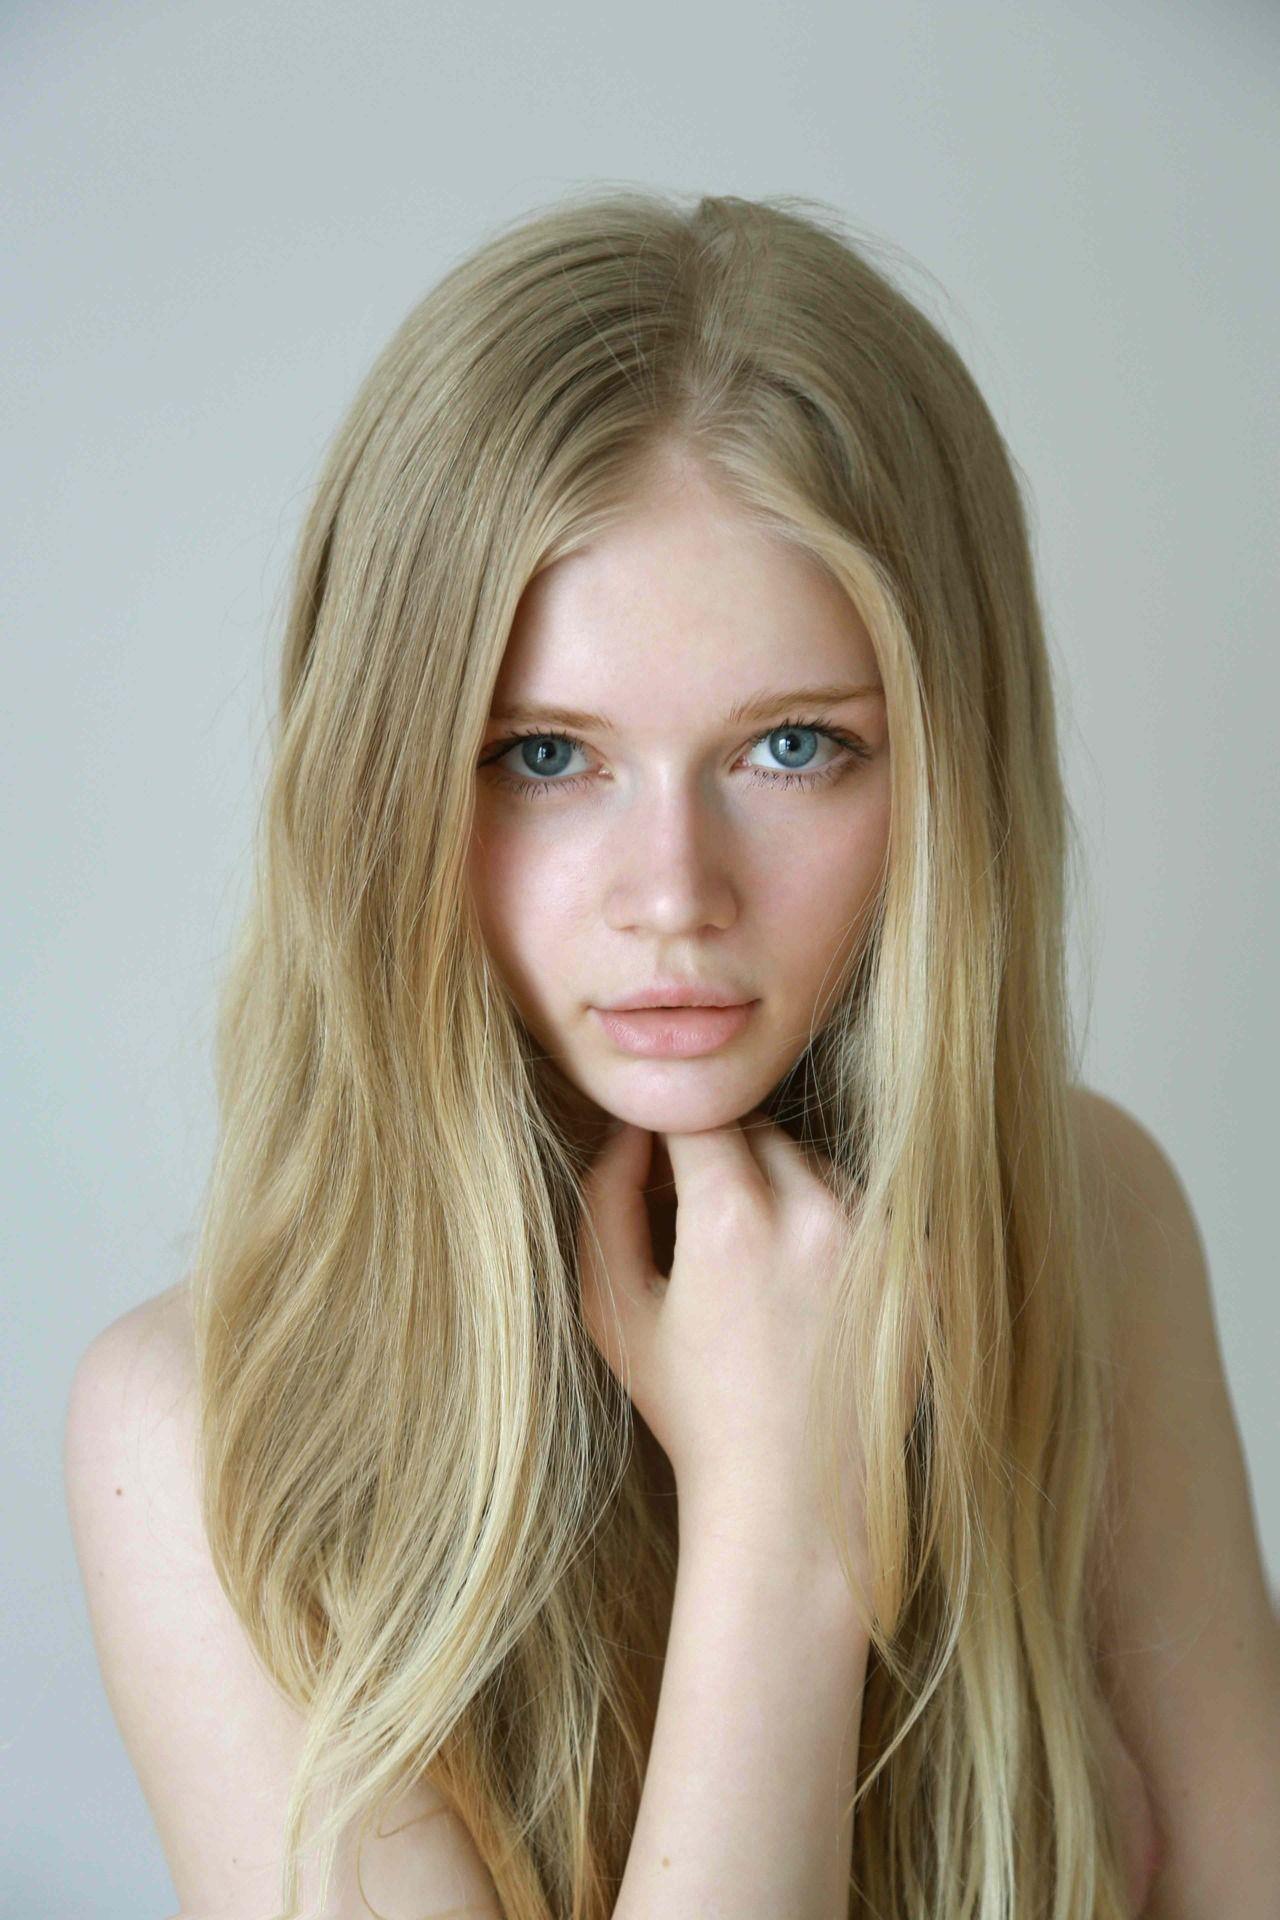 brunettes women eyes models faces mike dowson portraits